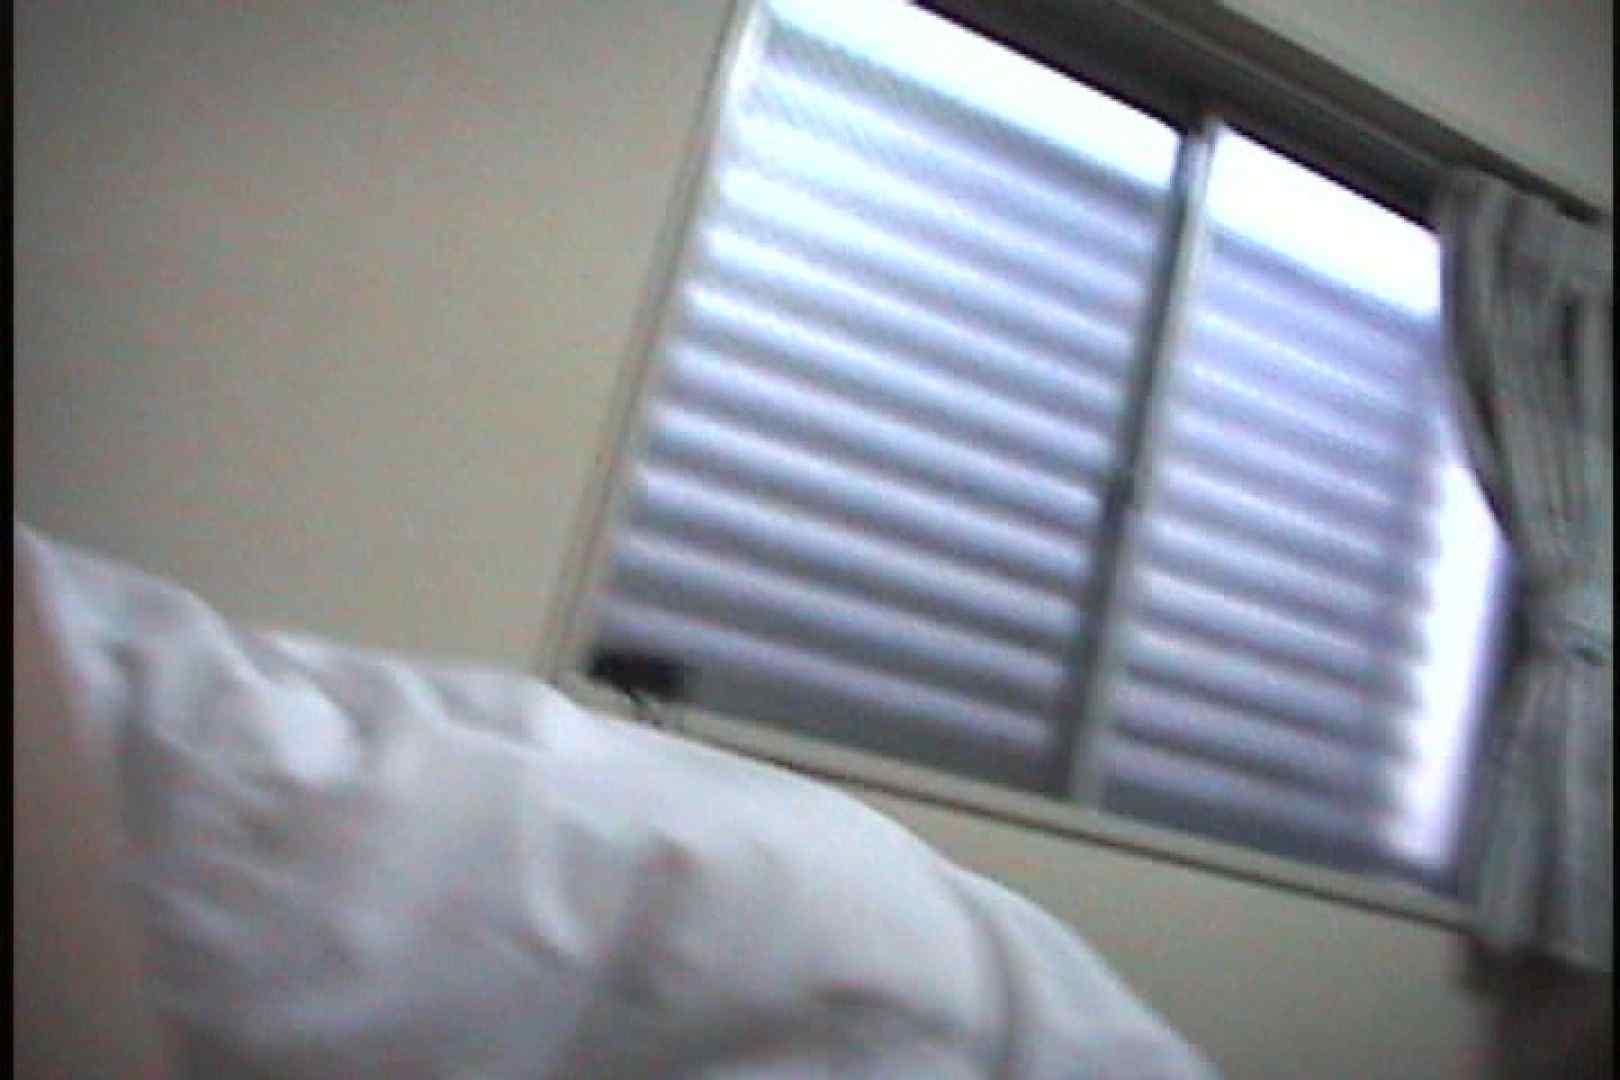 いっくんの調教! 18歳変態レズっ子えこちゃんシリーズVol.1 美しいOLの裸体 オマンコ動画キャプチャ 107pic 27